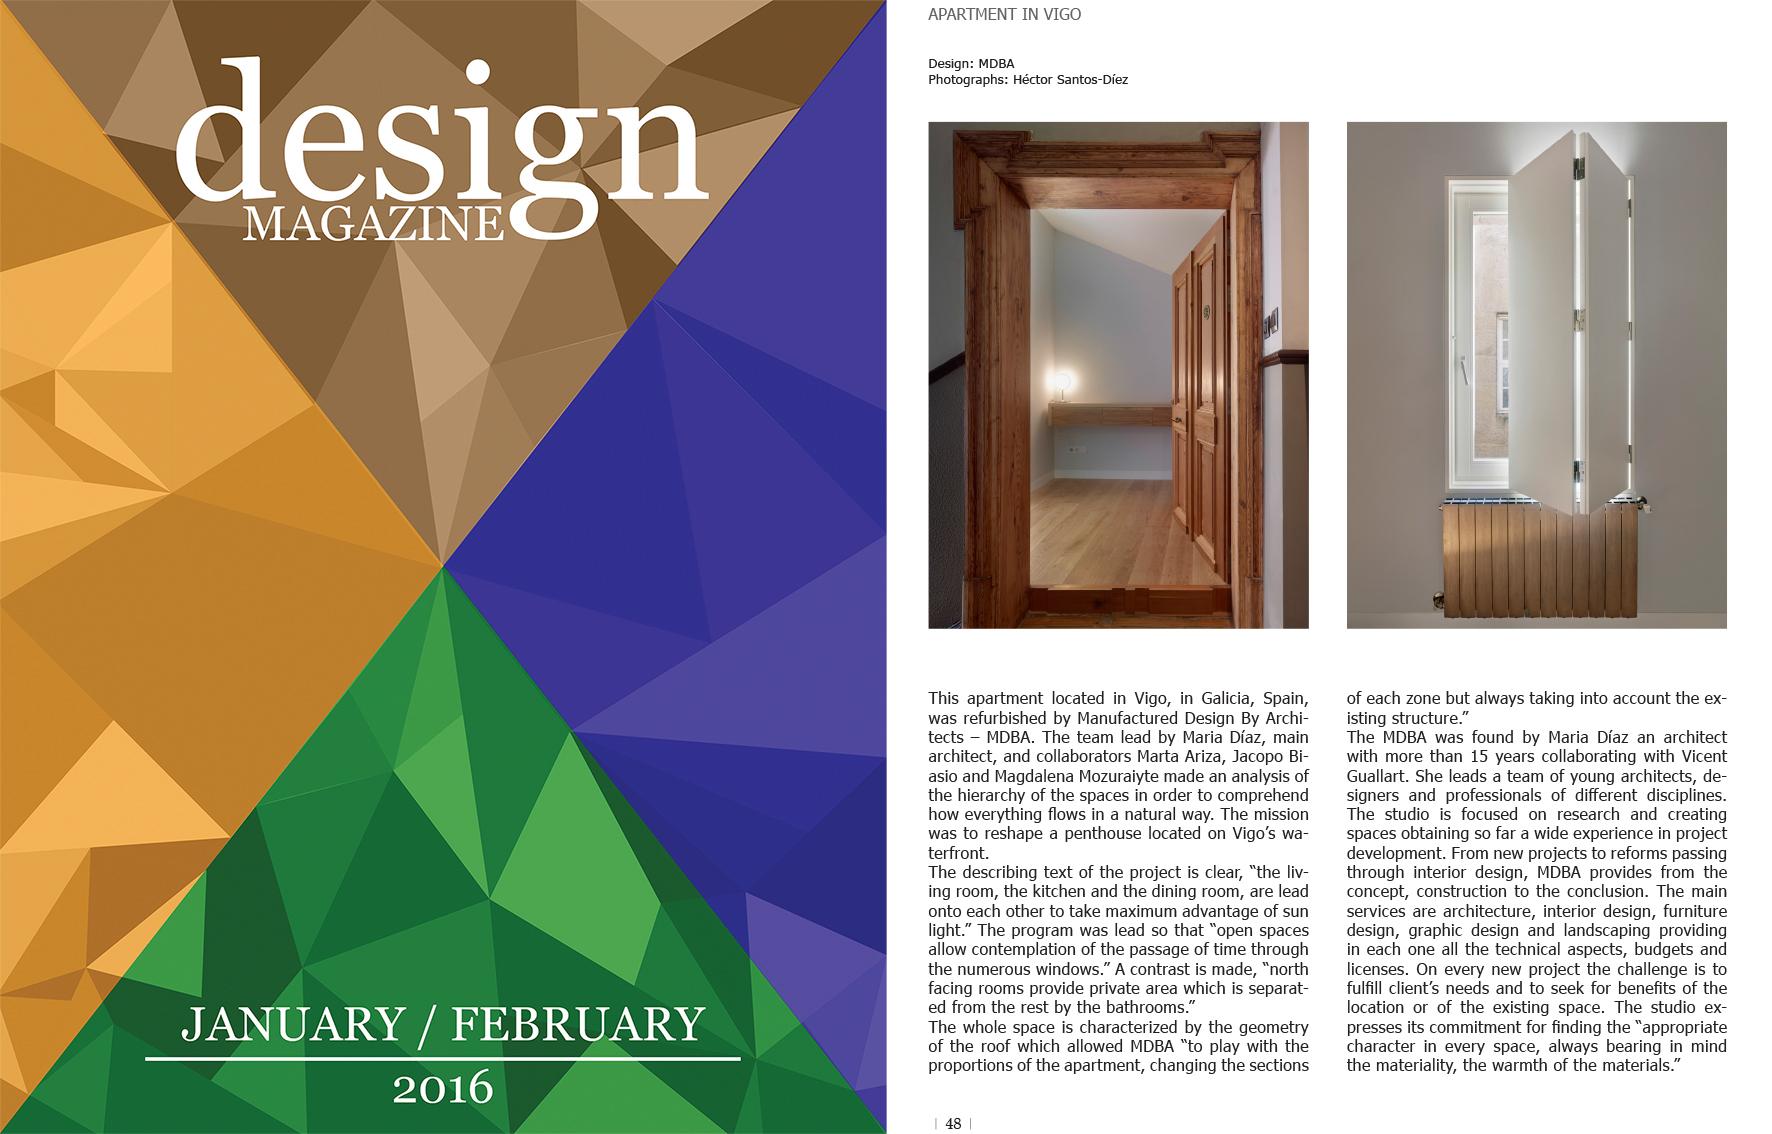 mdba_vigo_1_designmagazine